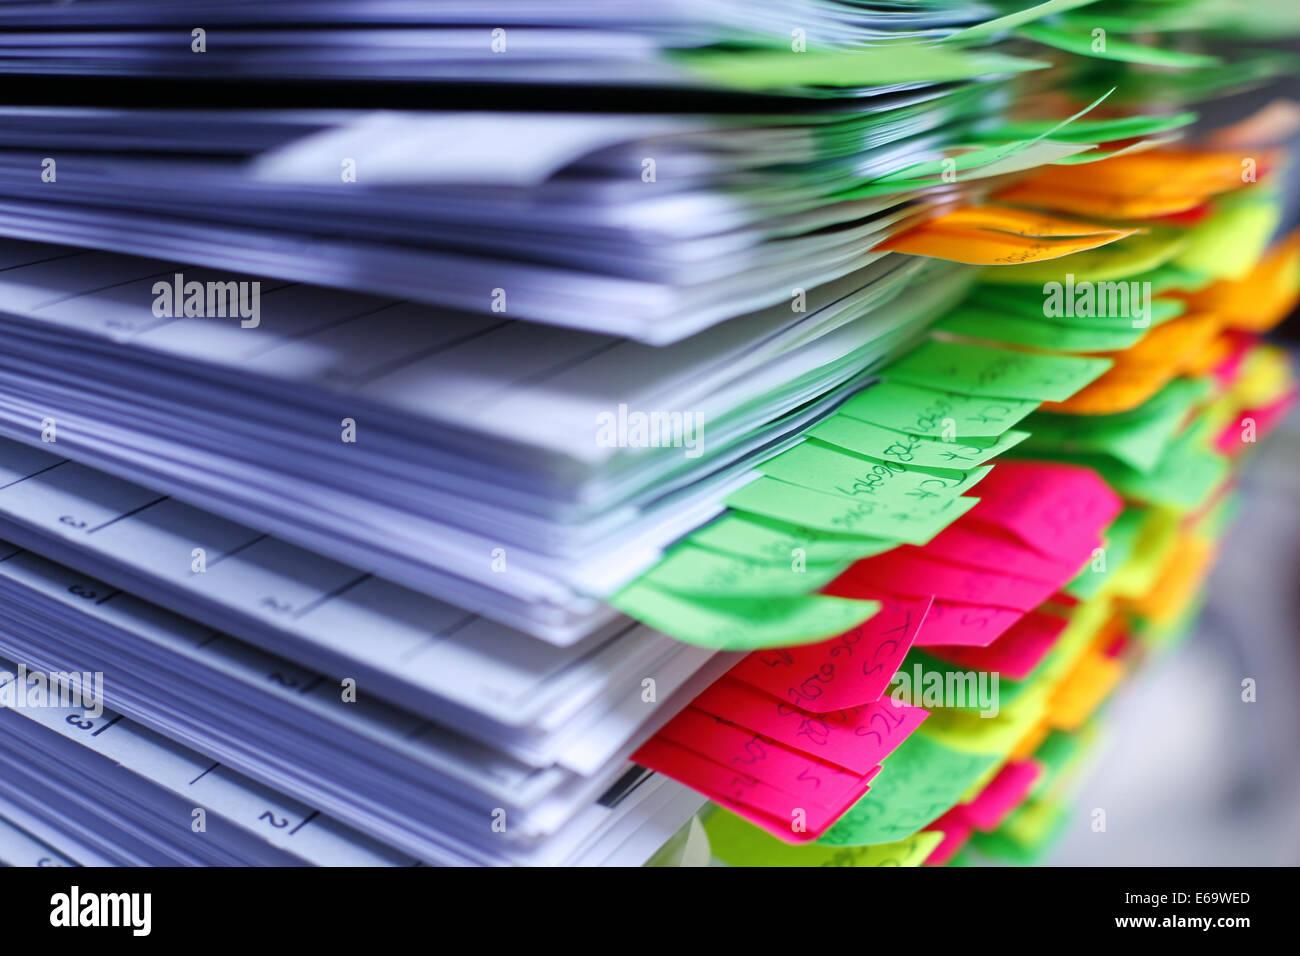 Stapel, Notizblock, Dokument Stockbild